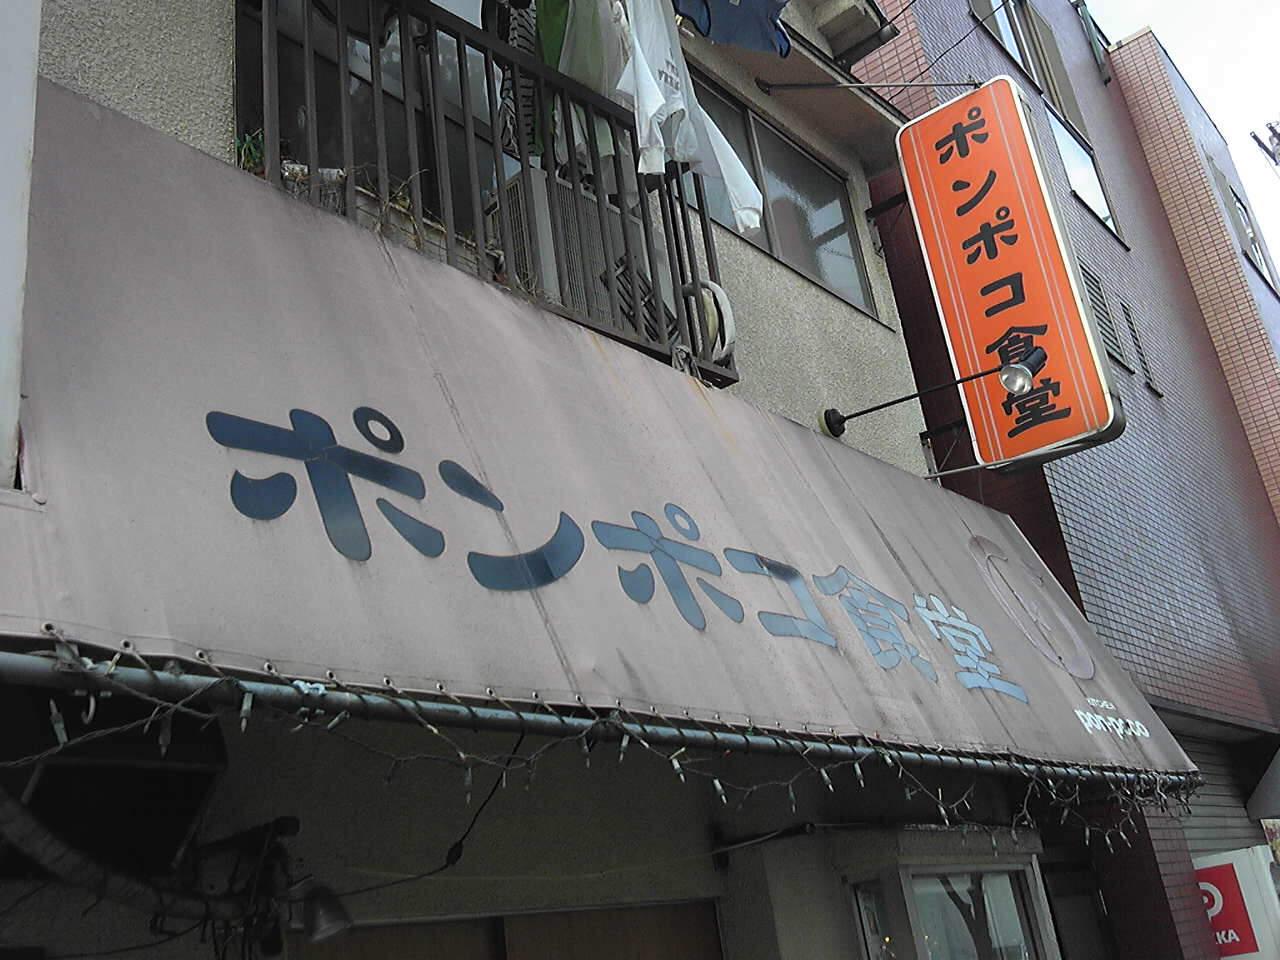 ポンポコ食堂